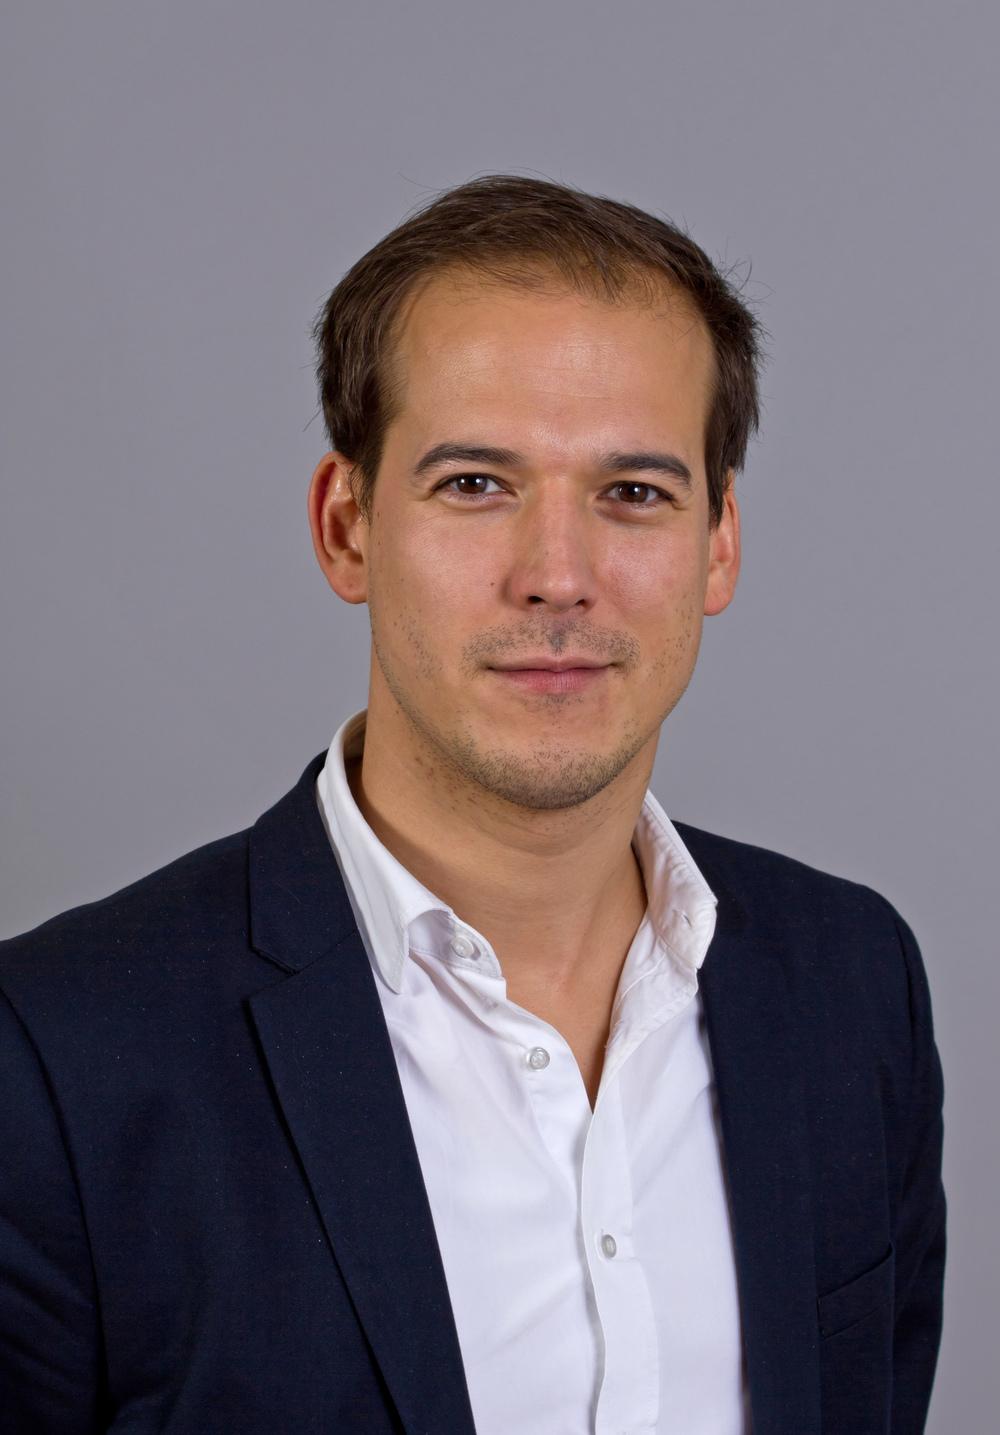 Pressefoto c: Benedikt Lux